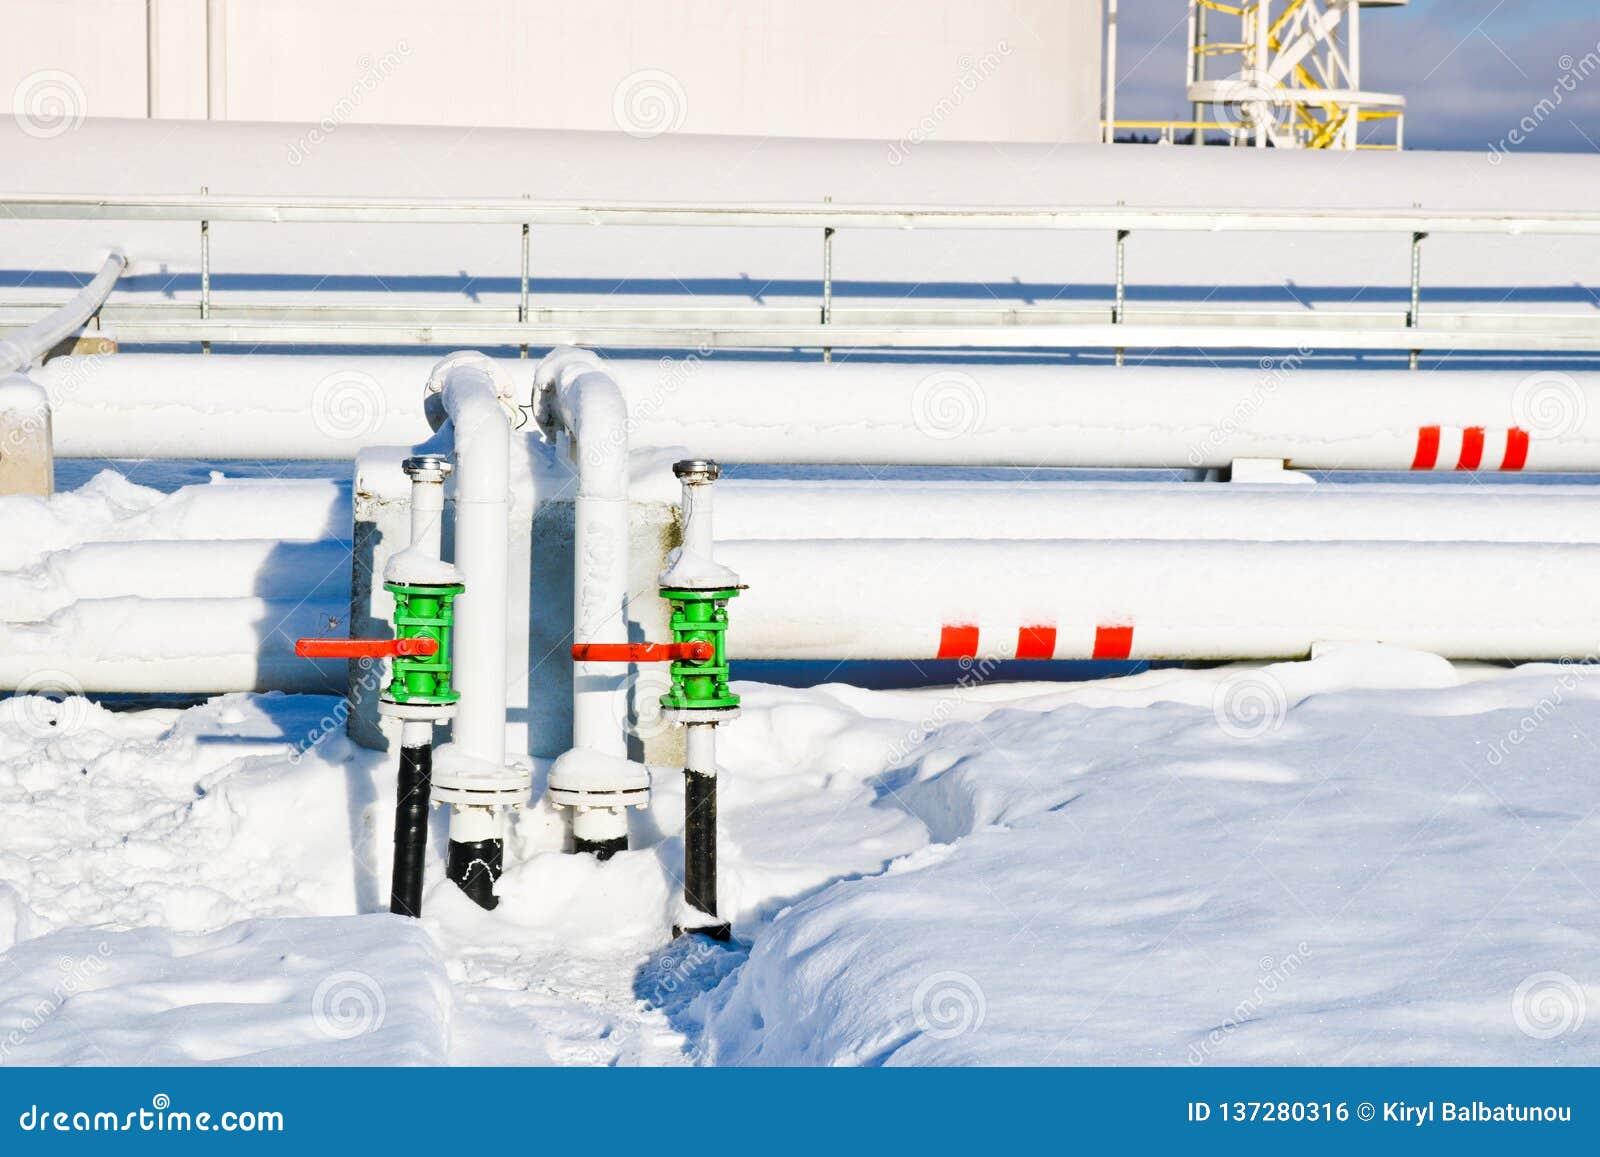 De grote witte industriële tanks van het ijzermetaal voor opslag van brandstof, benzine en diesel en pijpleiding met kleppen en f